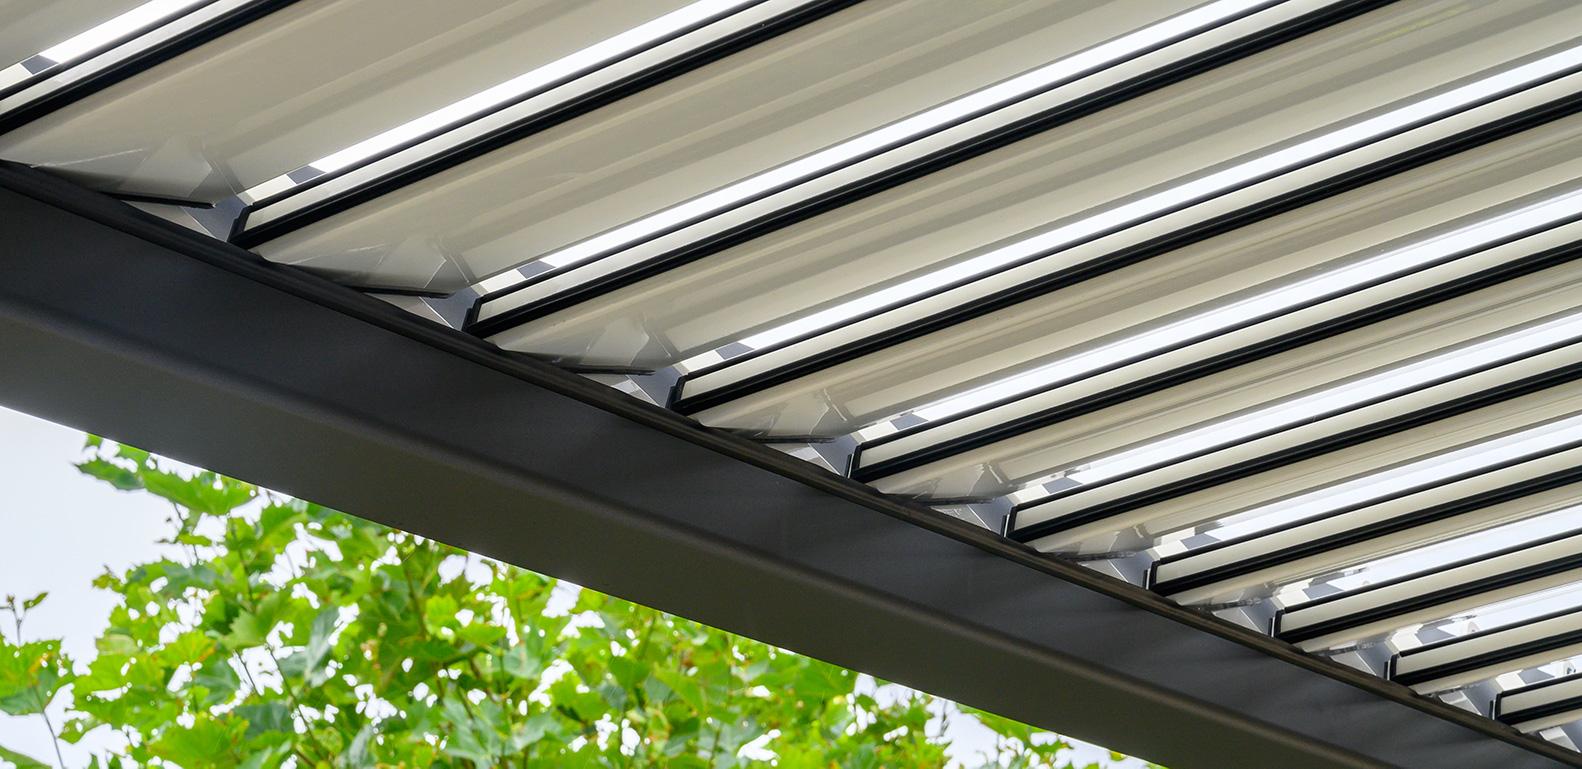 palmiye Skyroof Prestige residental voorhout 3363 - Auffahrbares Lamellendach Skyroof Prestige